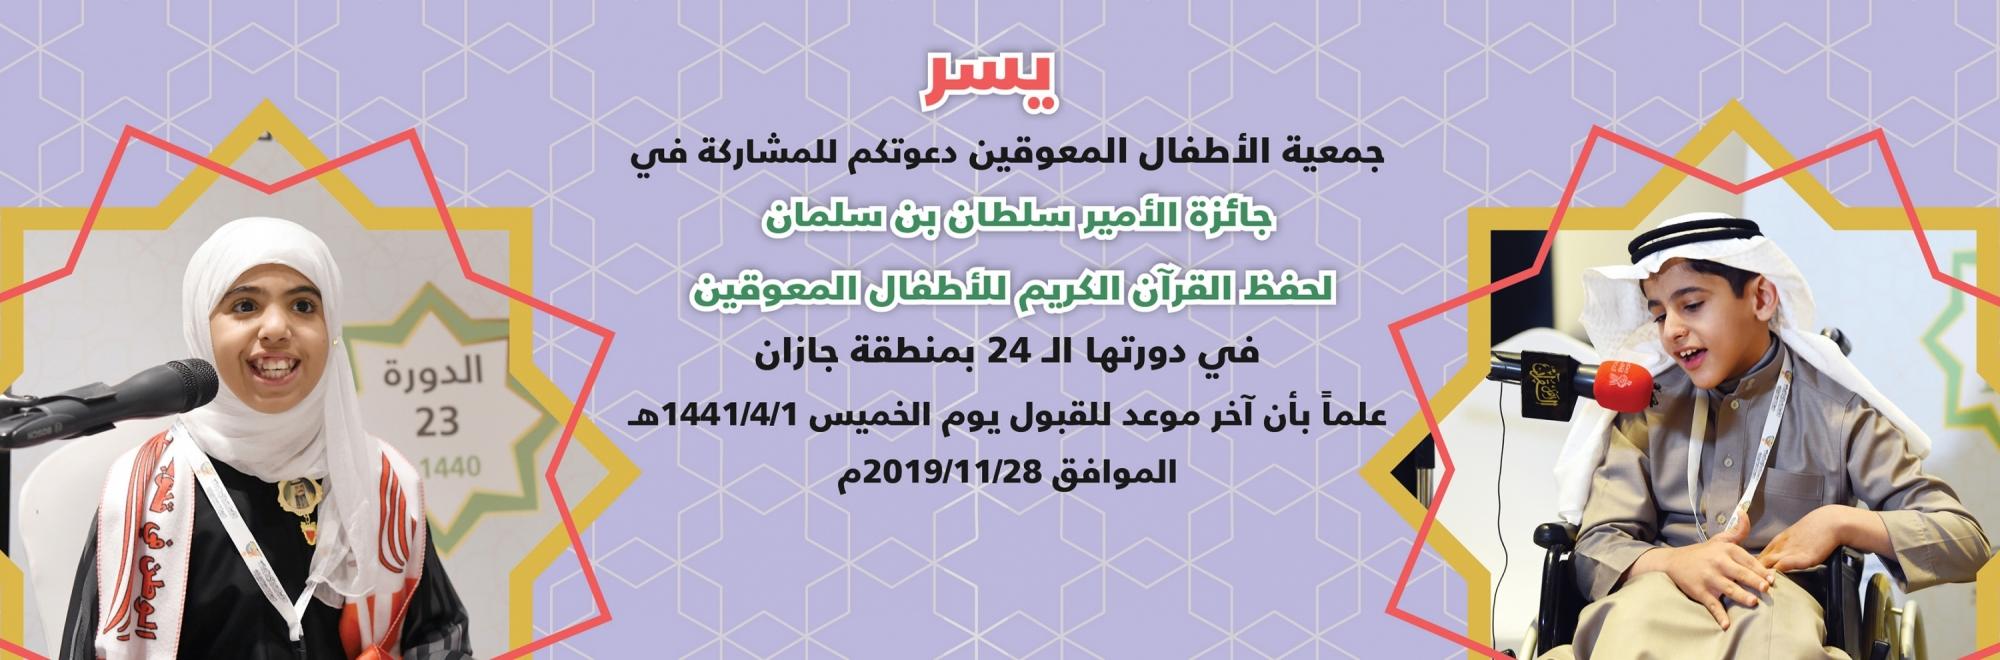 دعوة للمشاركة في فعاليات الدورة 24 لجائزة الأمير سلطان بن سلمان لحفظ القرآن الكريم للأطفال المعوقين